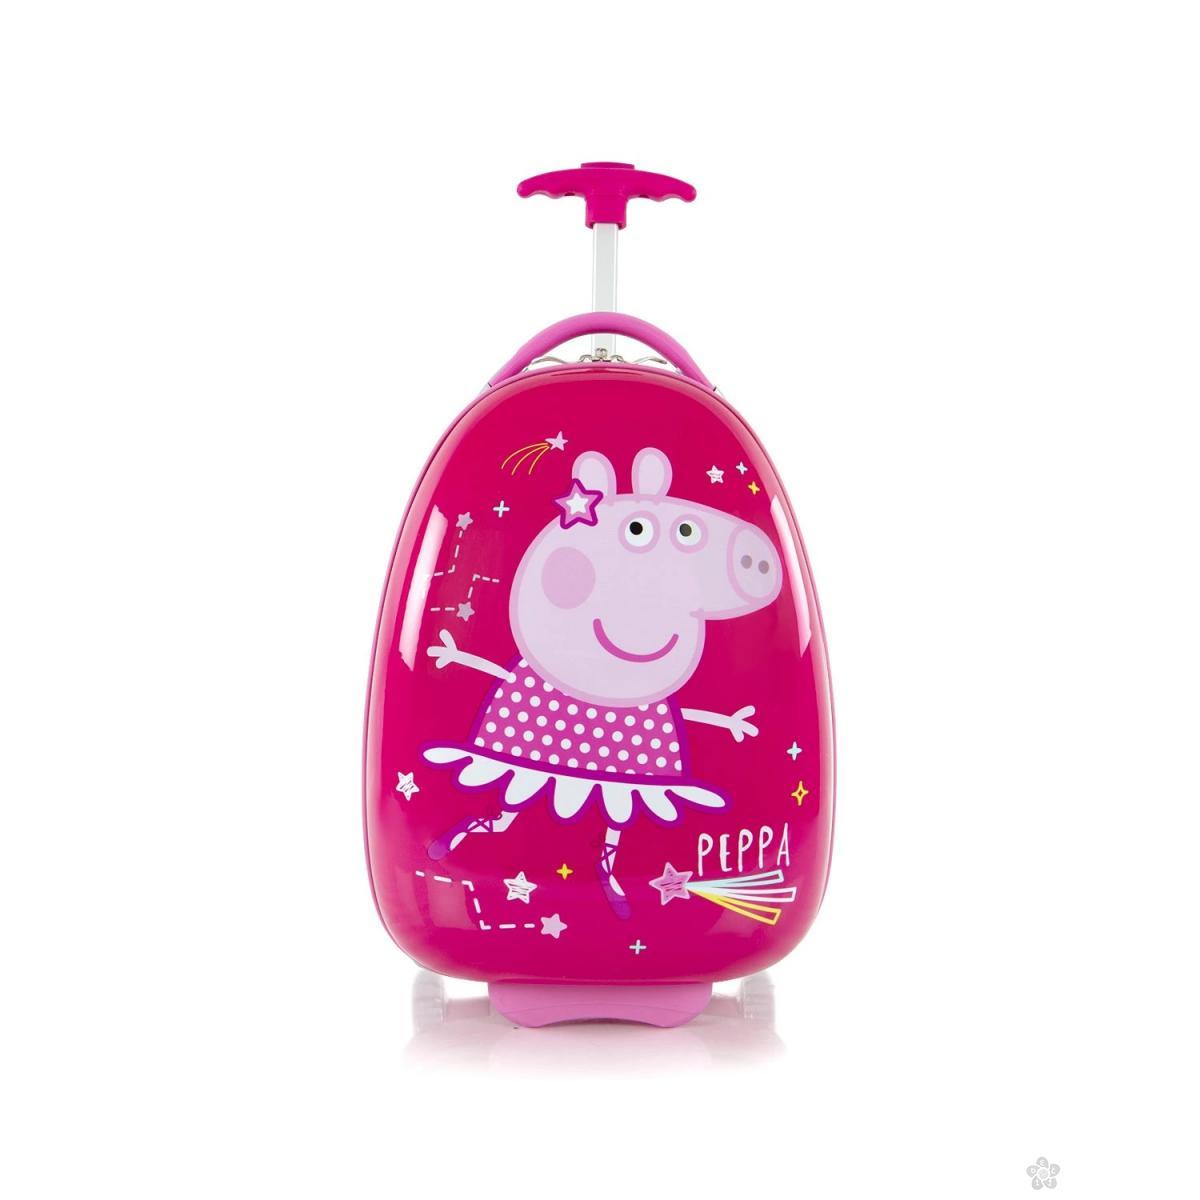 Deciji kofer Peppa Pig 16318-6059-00